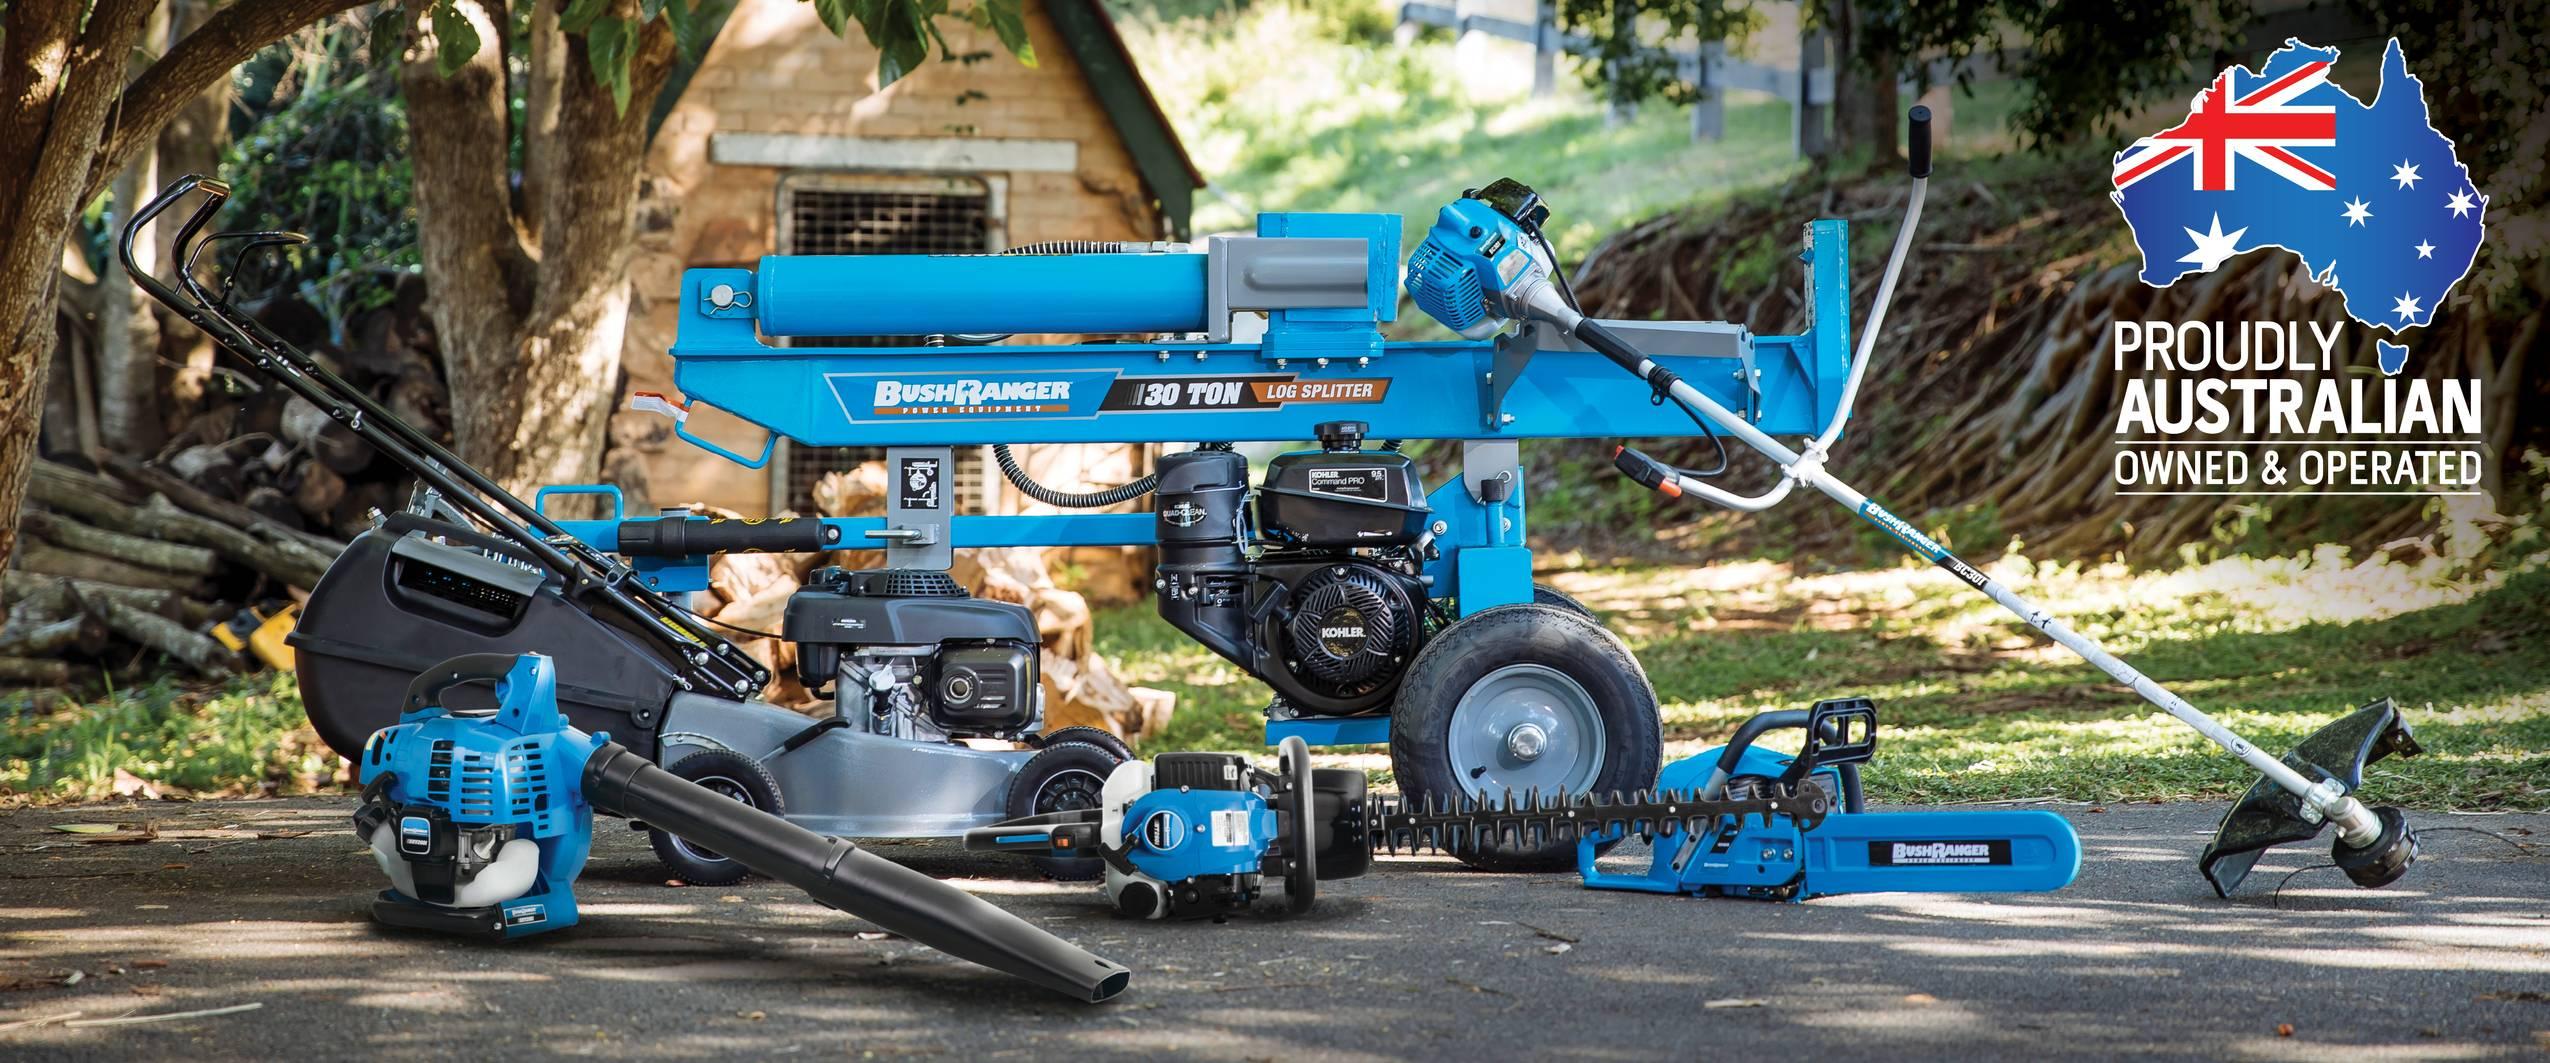 dig-1101809557881069-bushranger-website-aus-made-banner